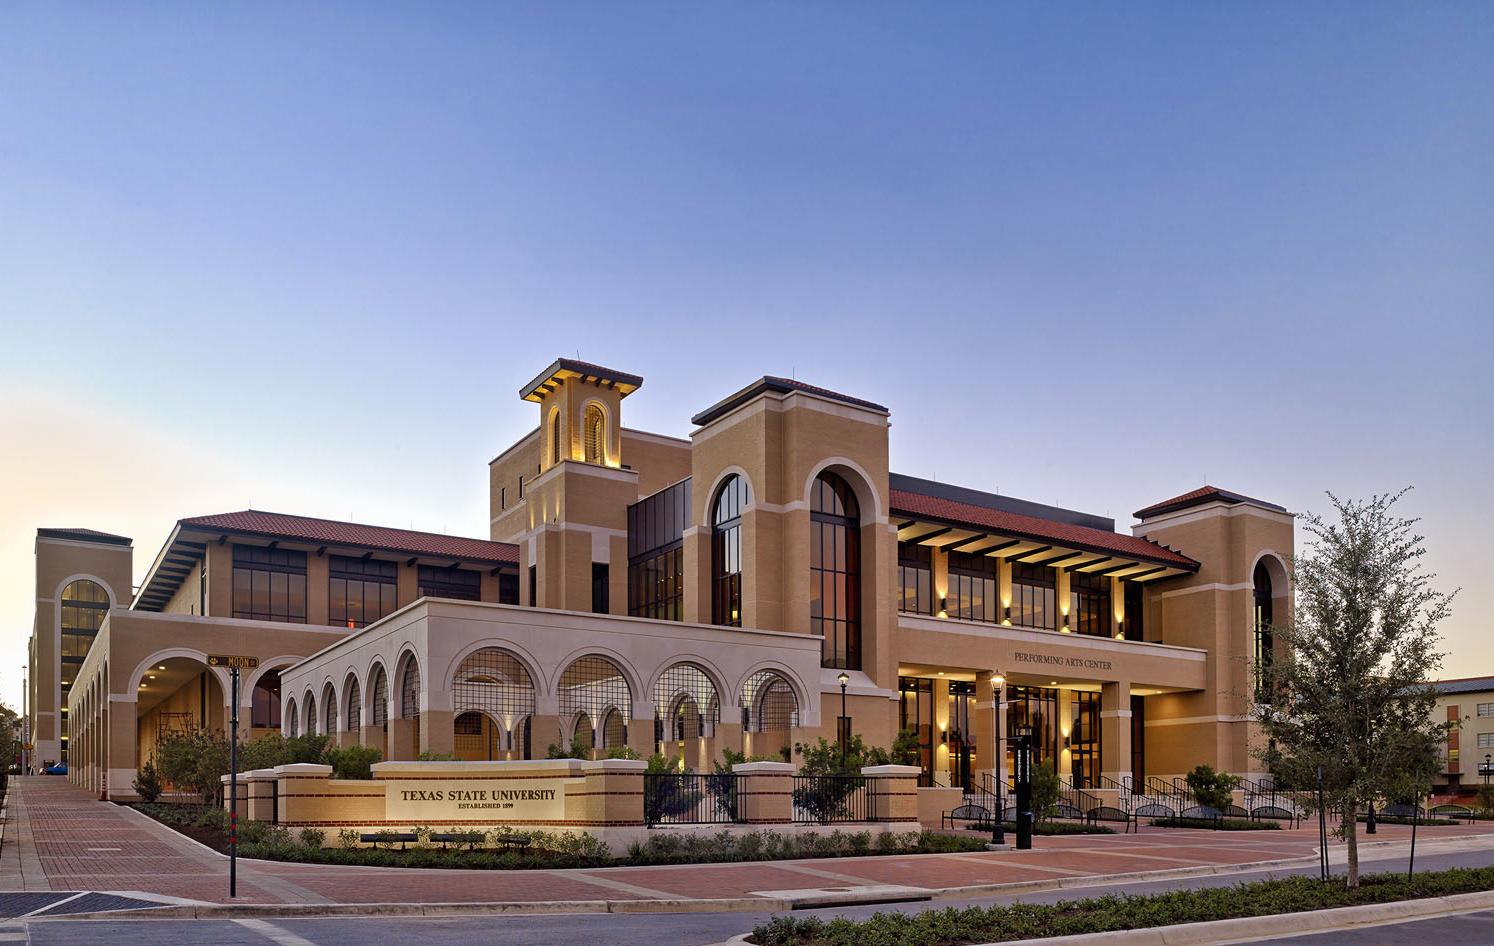 TSIPF-Performing Arts Center